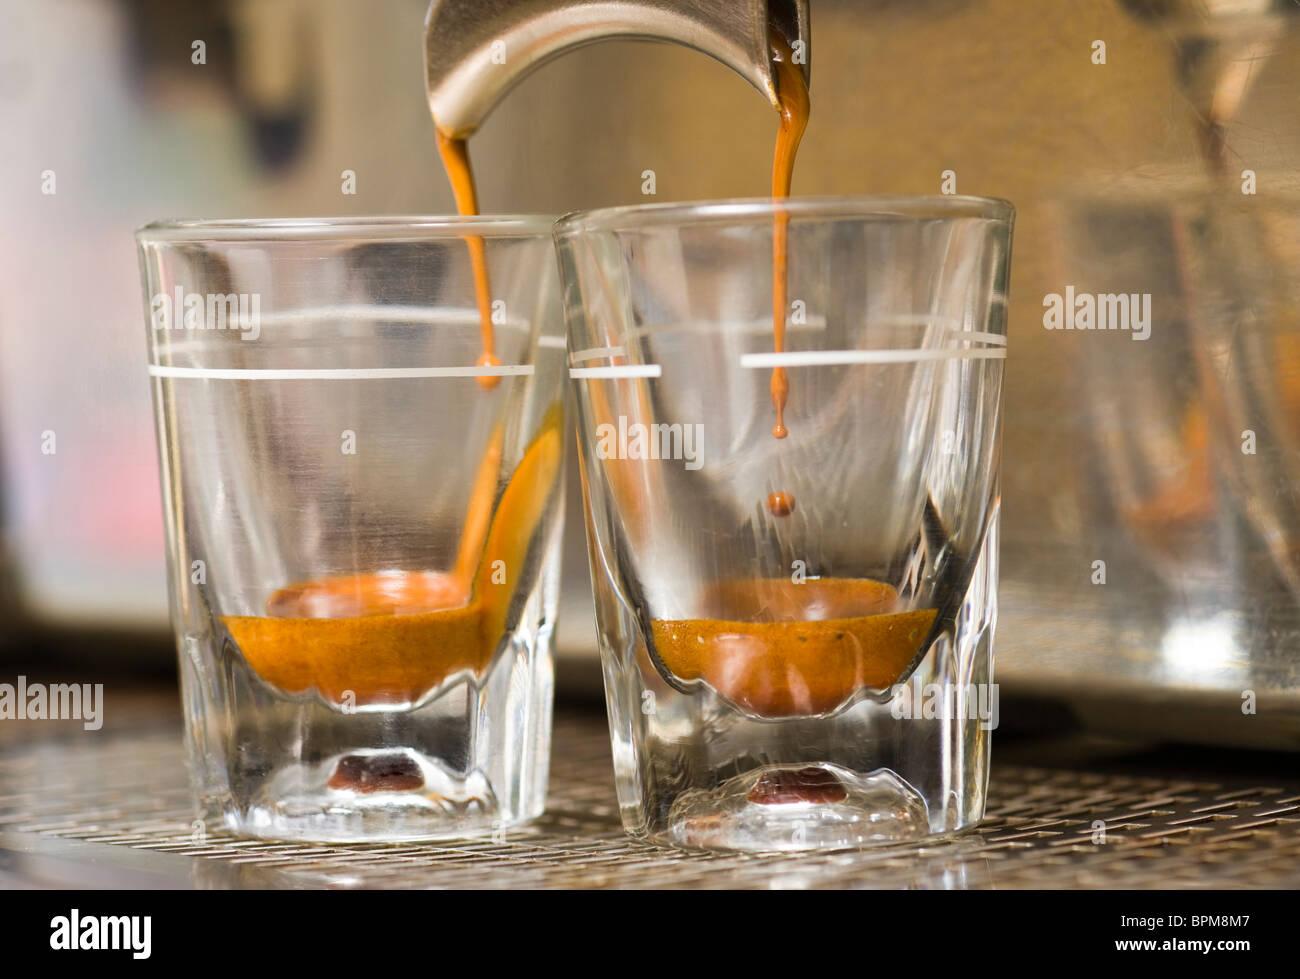 El espresso gotea desde una máquina espresso. Imagen De Stock